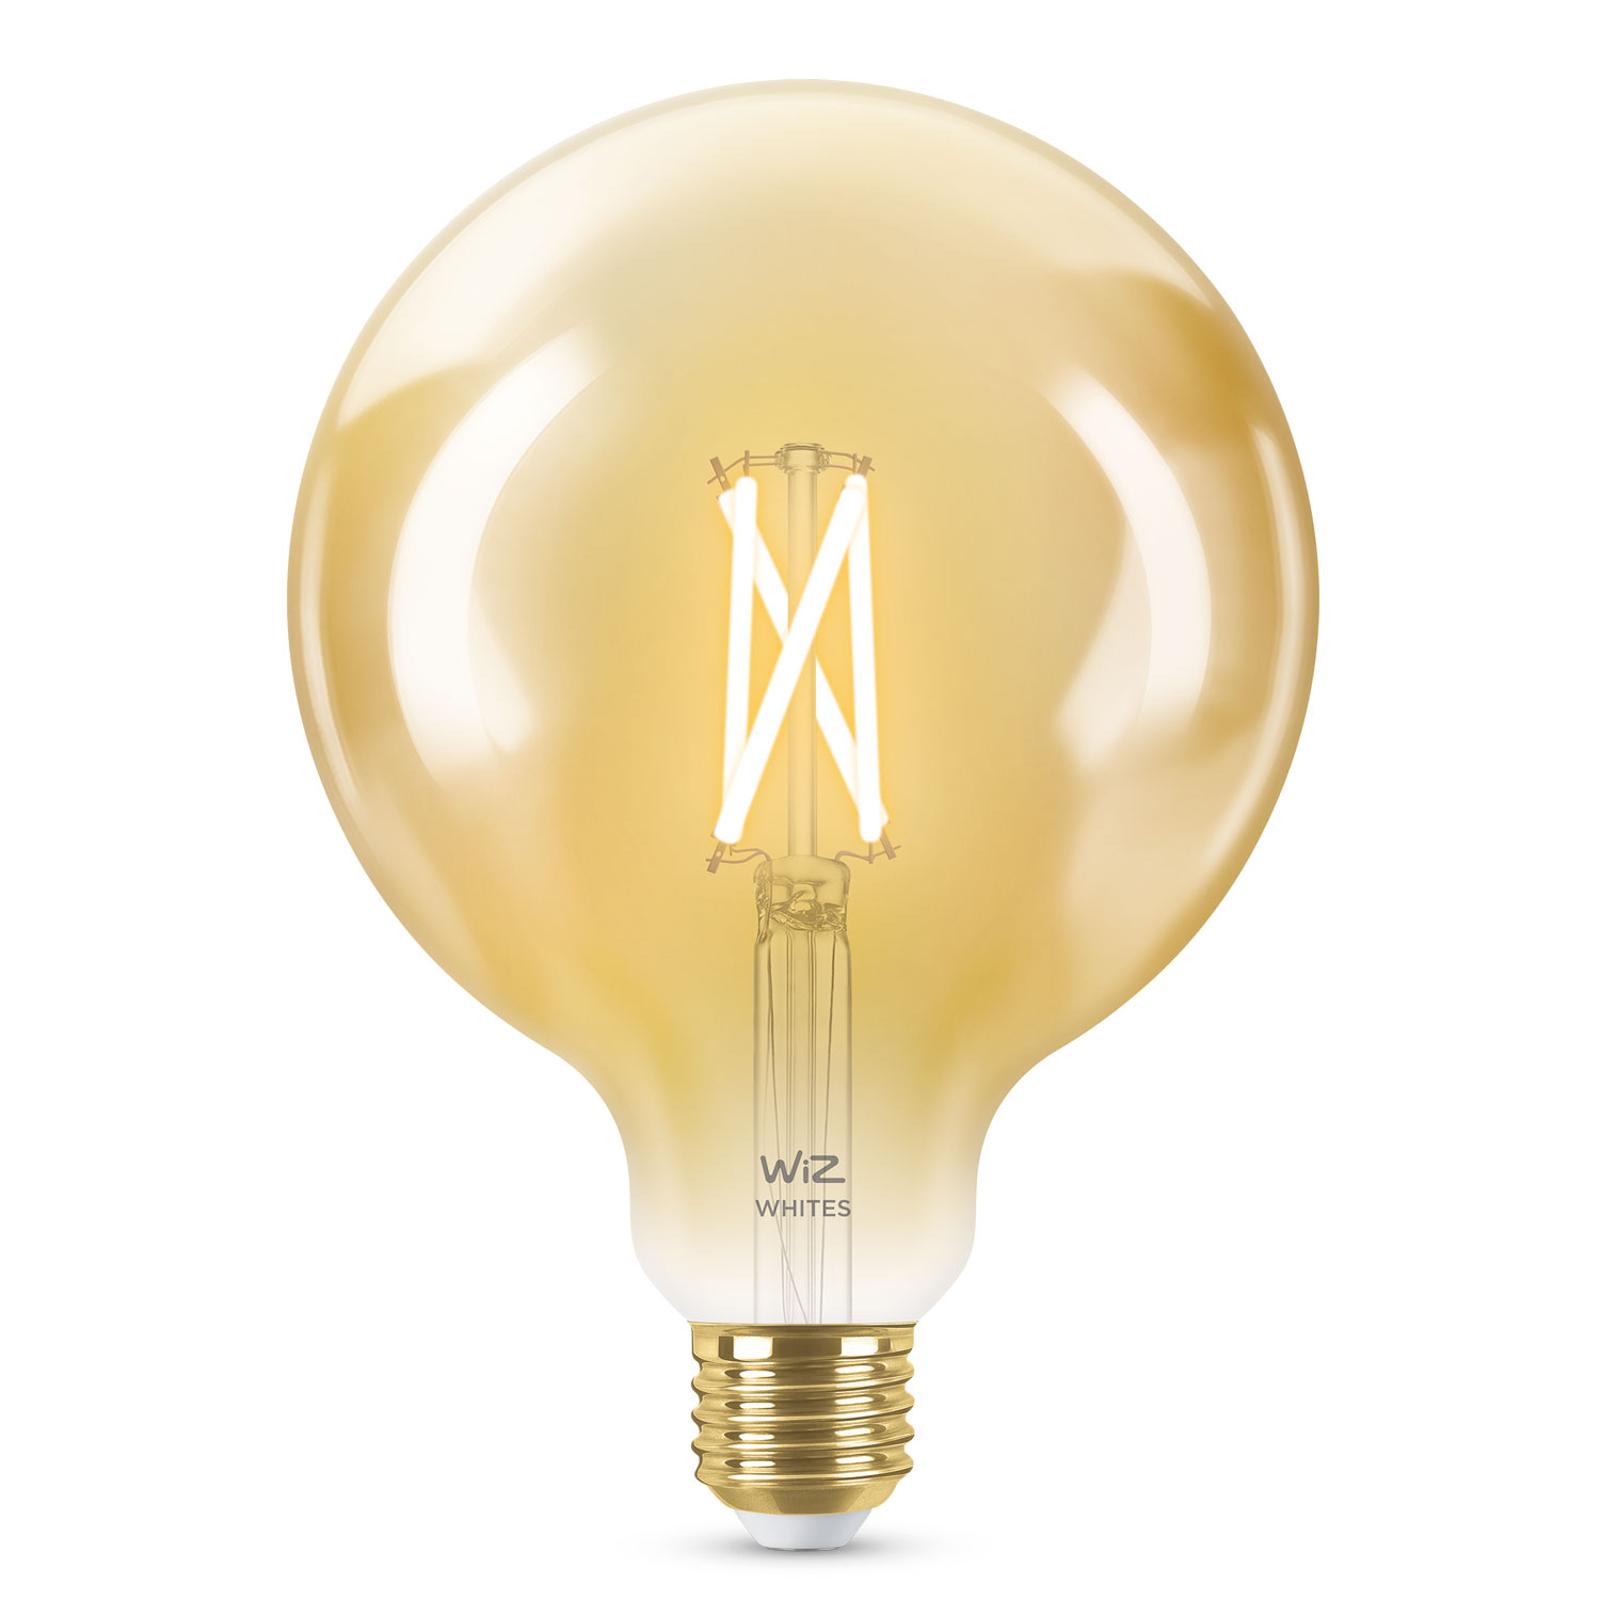 WiZ E27 LED G95 filament rav 6,5 W 2000-4500K